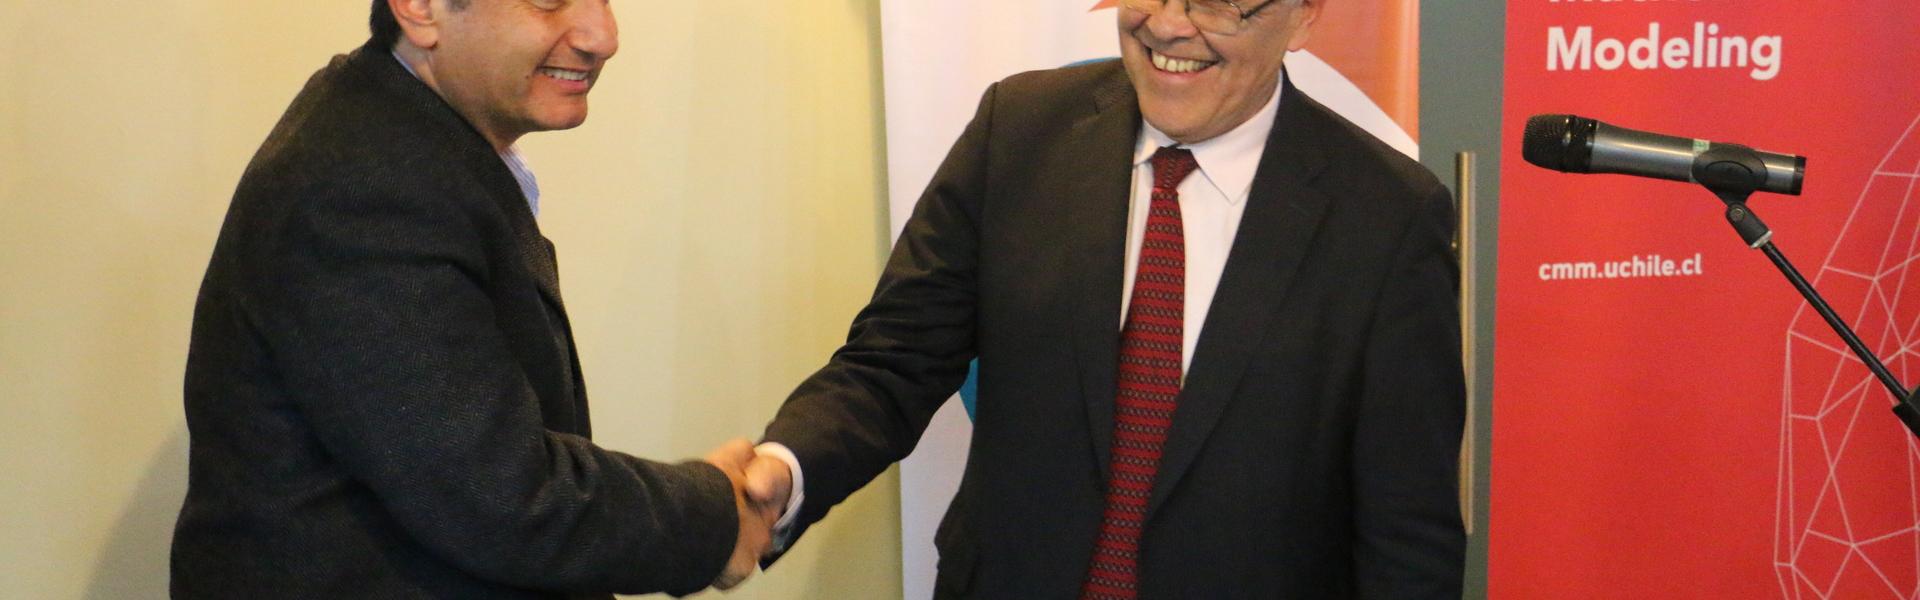 SK Godelius y el Centro de Modelamiento Matemático (CMM) firman acuerdo de colaboración